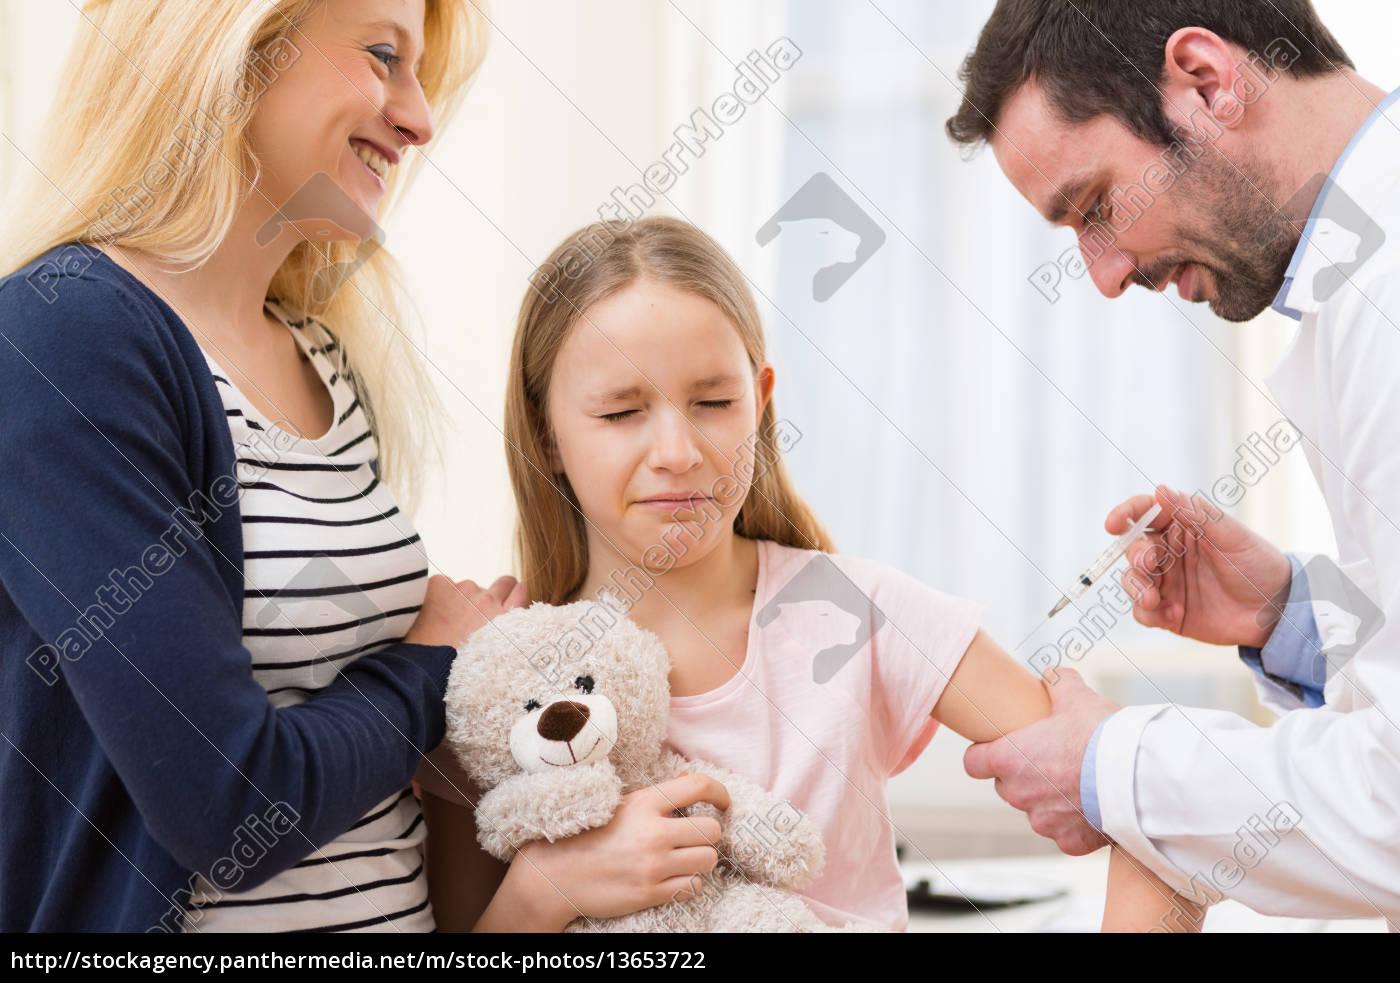 unge, lille, pige, ledsaget, af, sin - 13653722